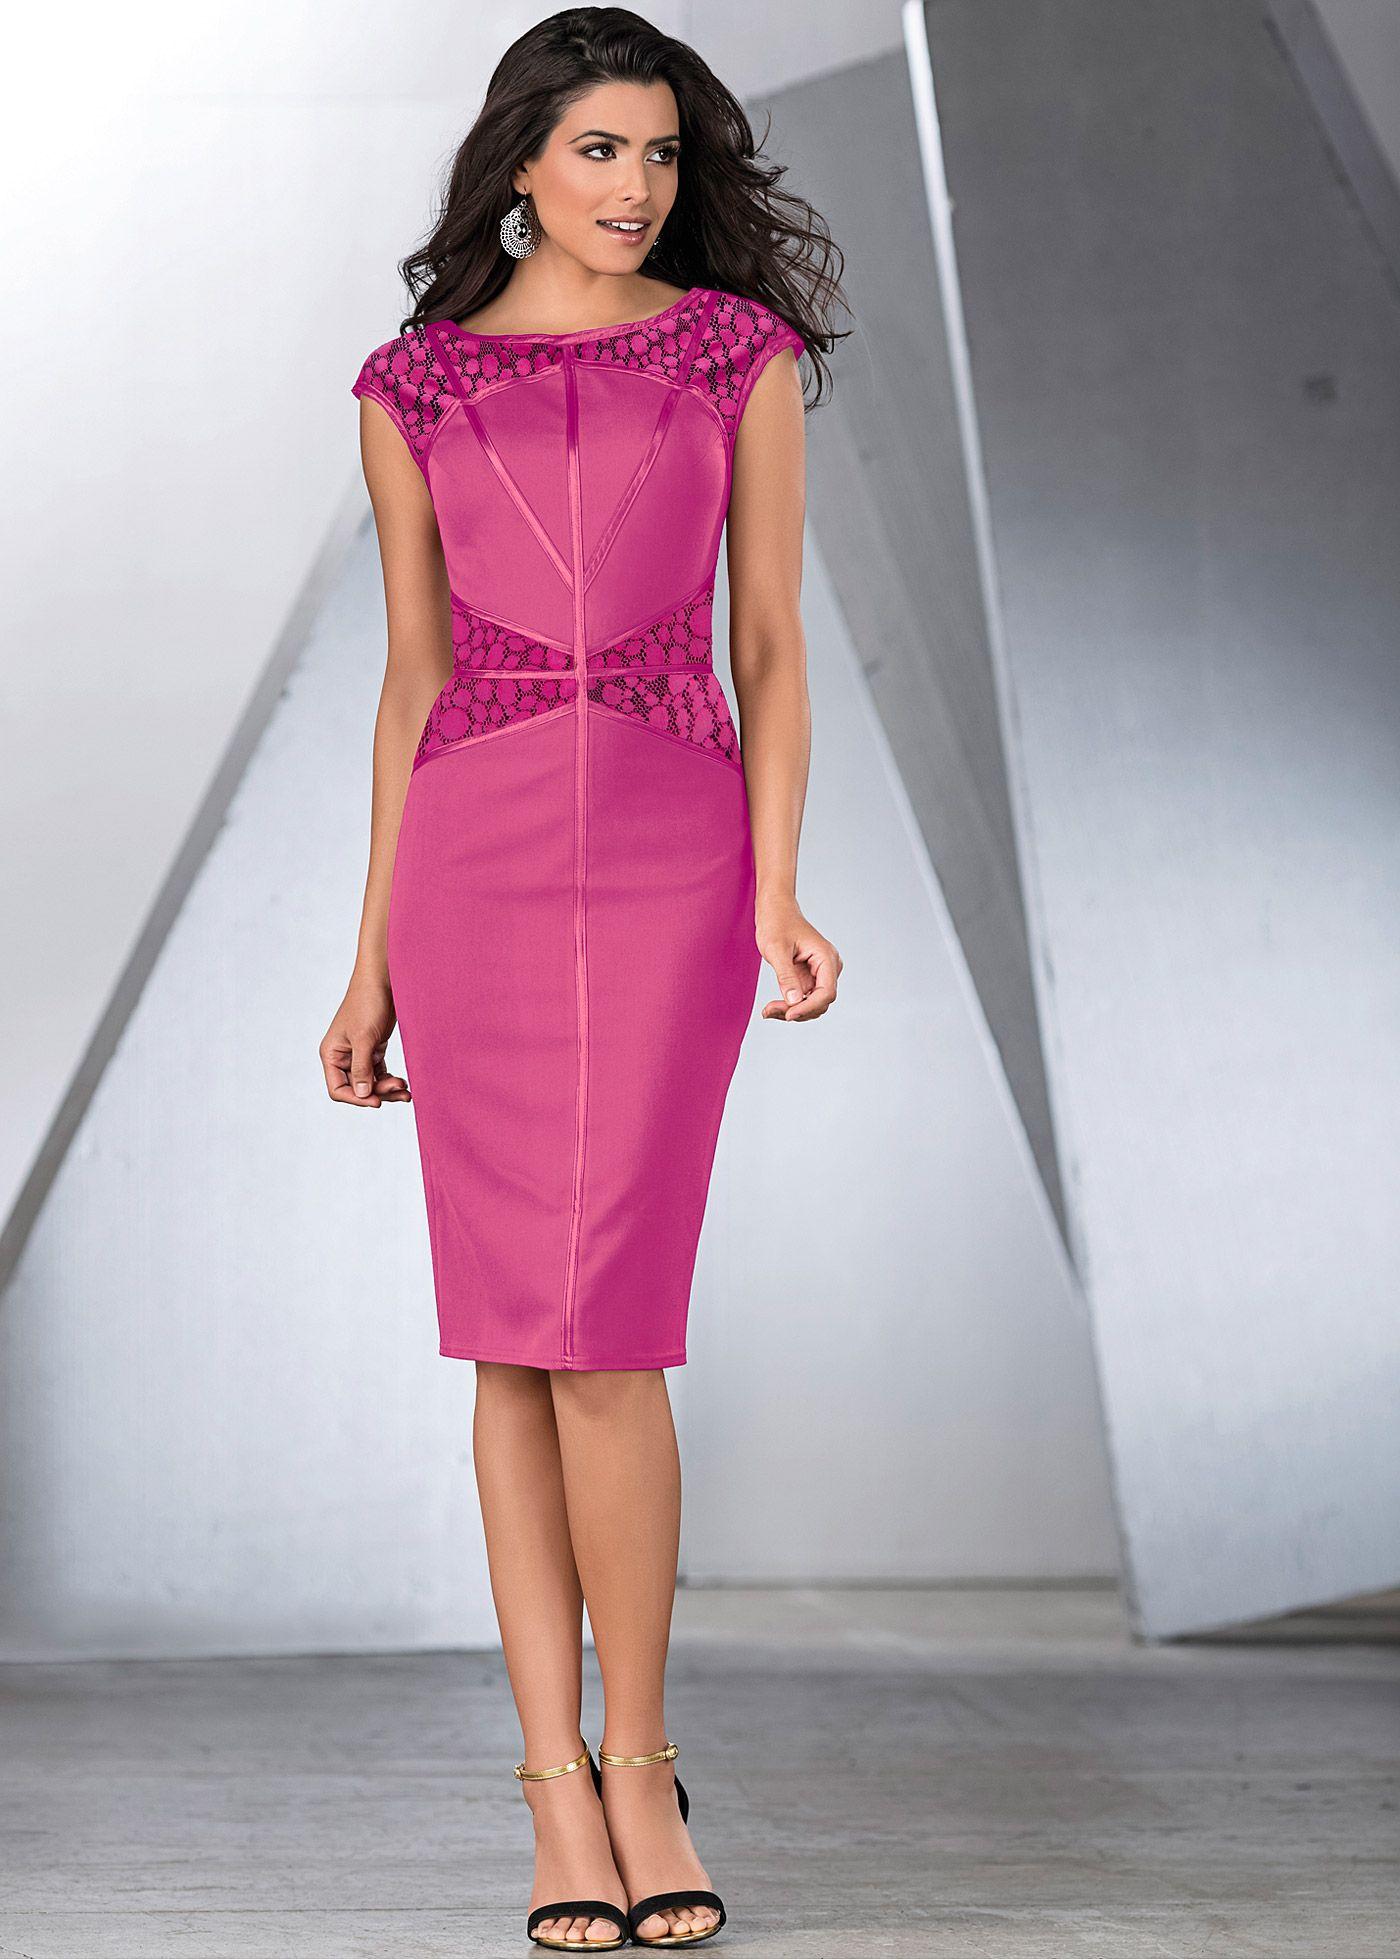 deb6d209a Vestido amora encomendar agora na loja on-line bonprix.de R$ 189,00 a  partir de Vestido com recortes, detalhe em cetim e renda. Seguir as  instruções de .